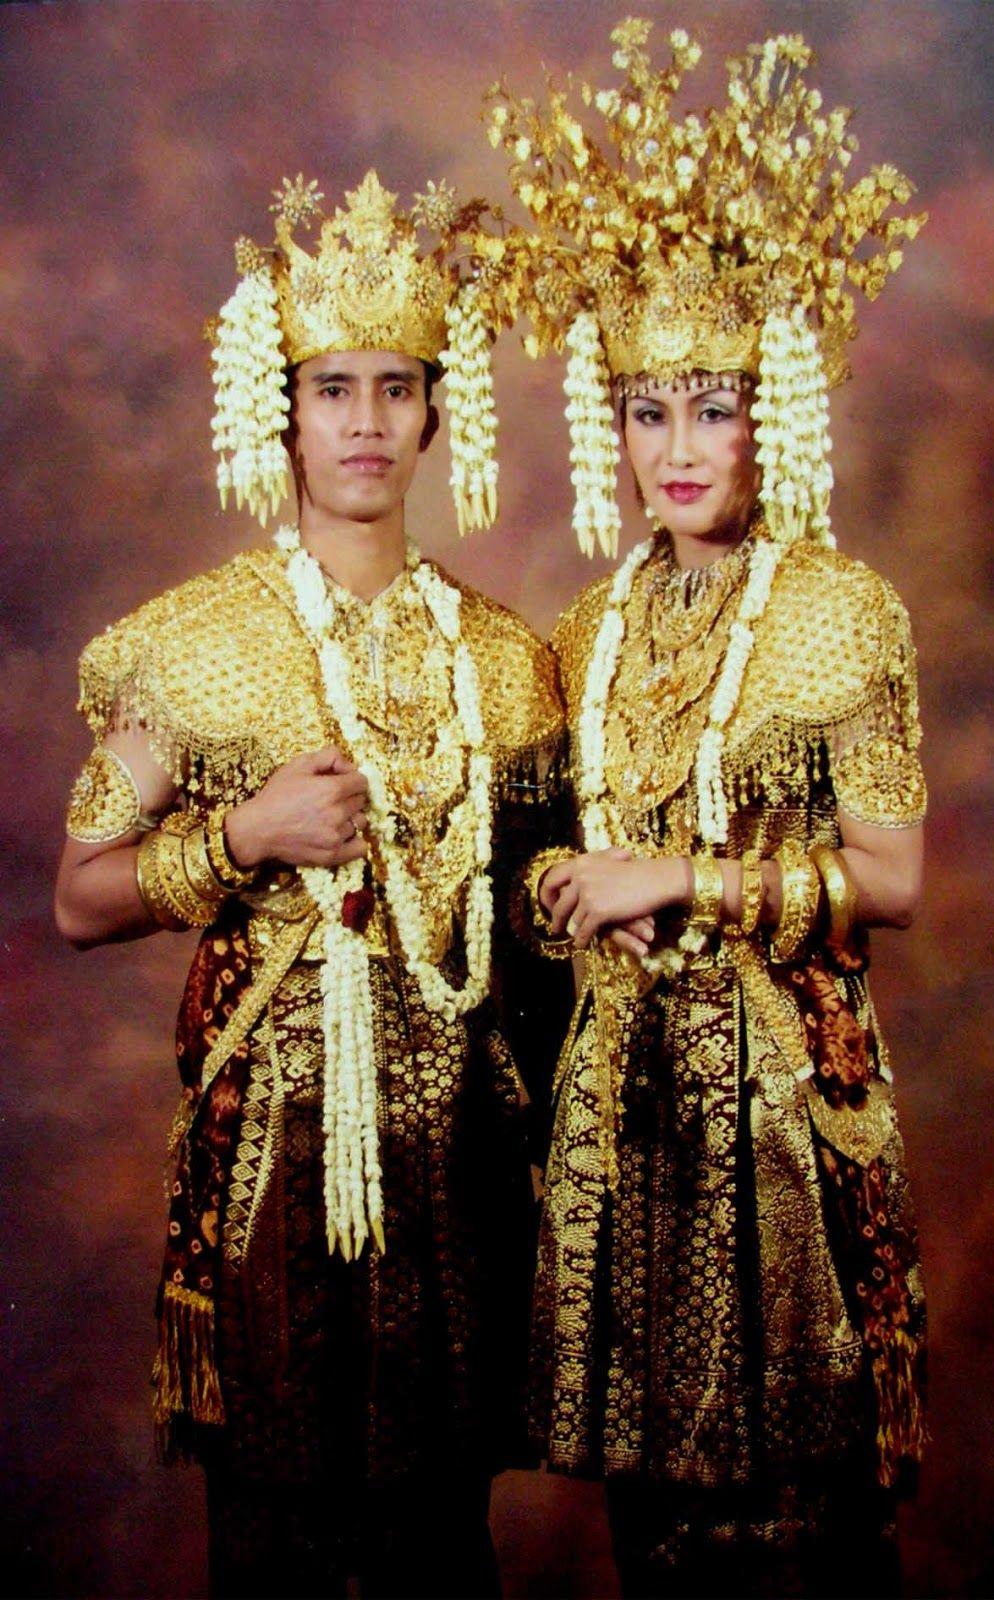 Apa Nama Pakaian Adat Dari Sumatera Selatan